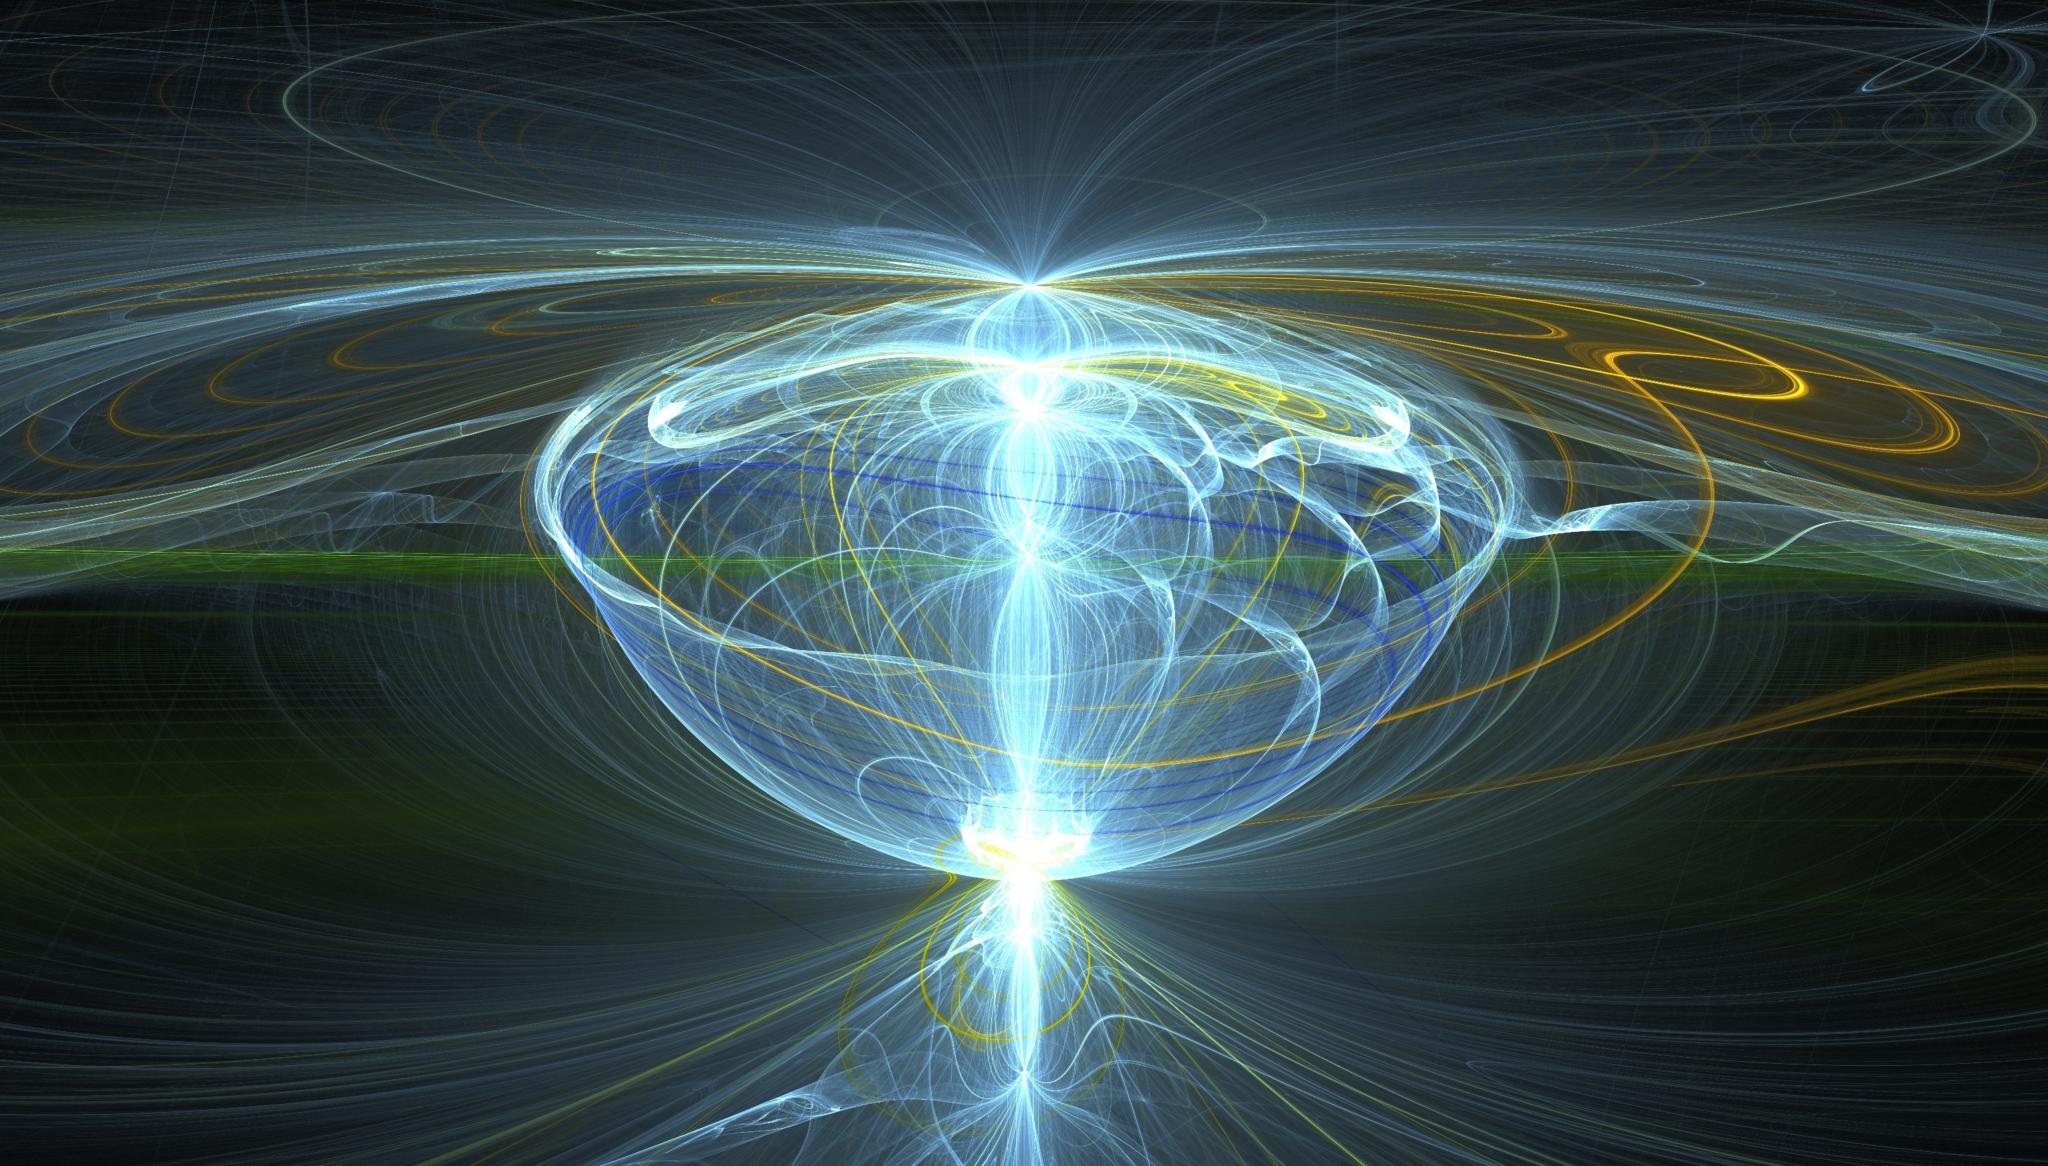 Urutan gelombang elektromagnetik berdasarkan energi foton 98